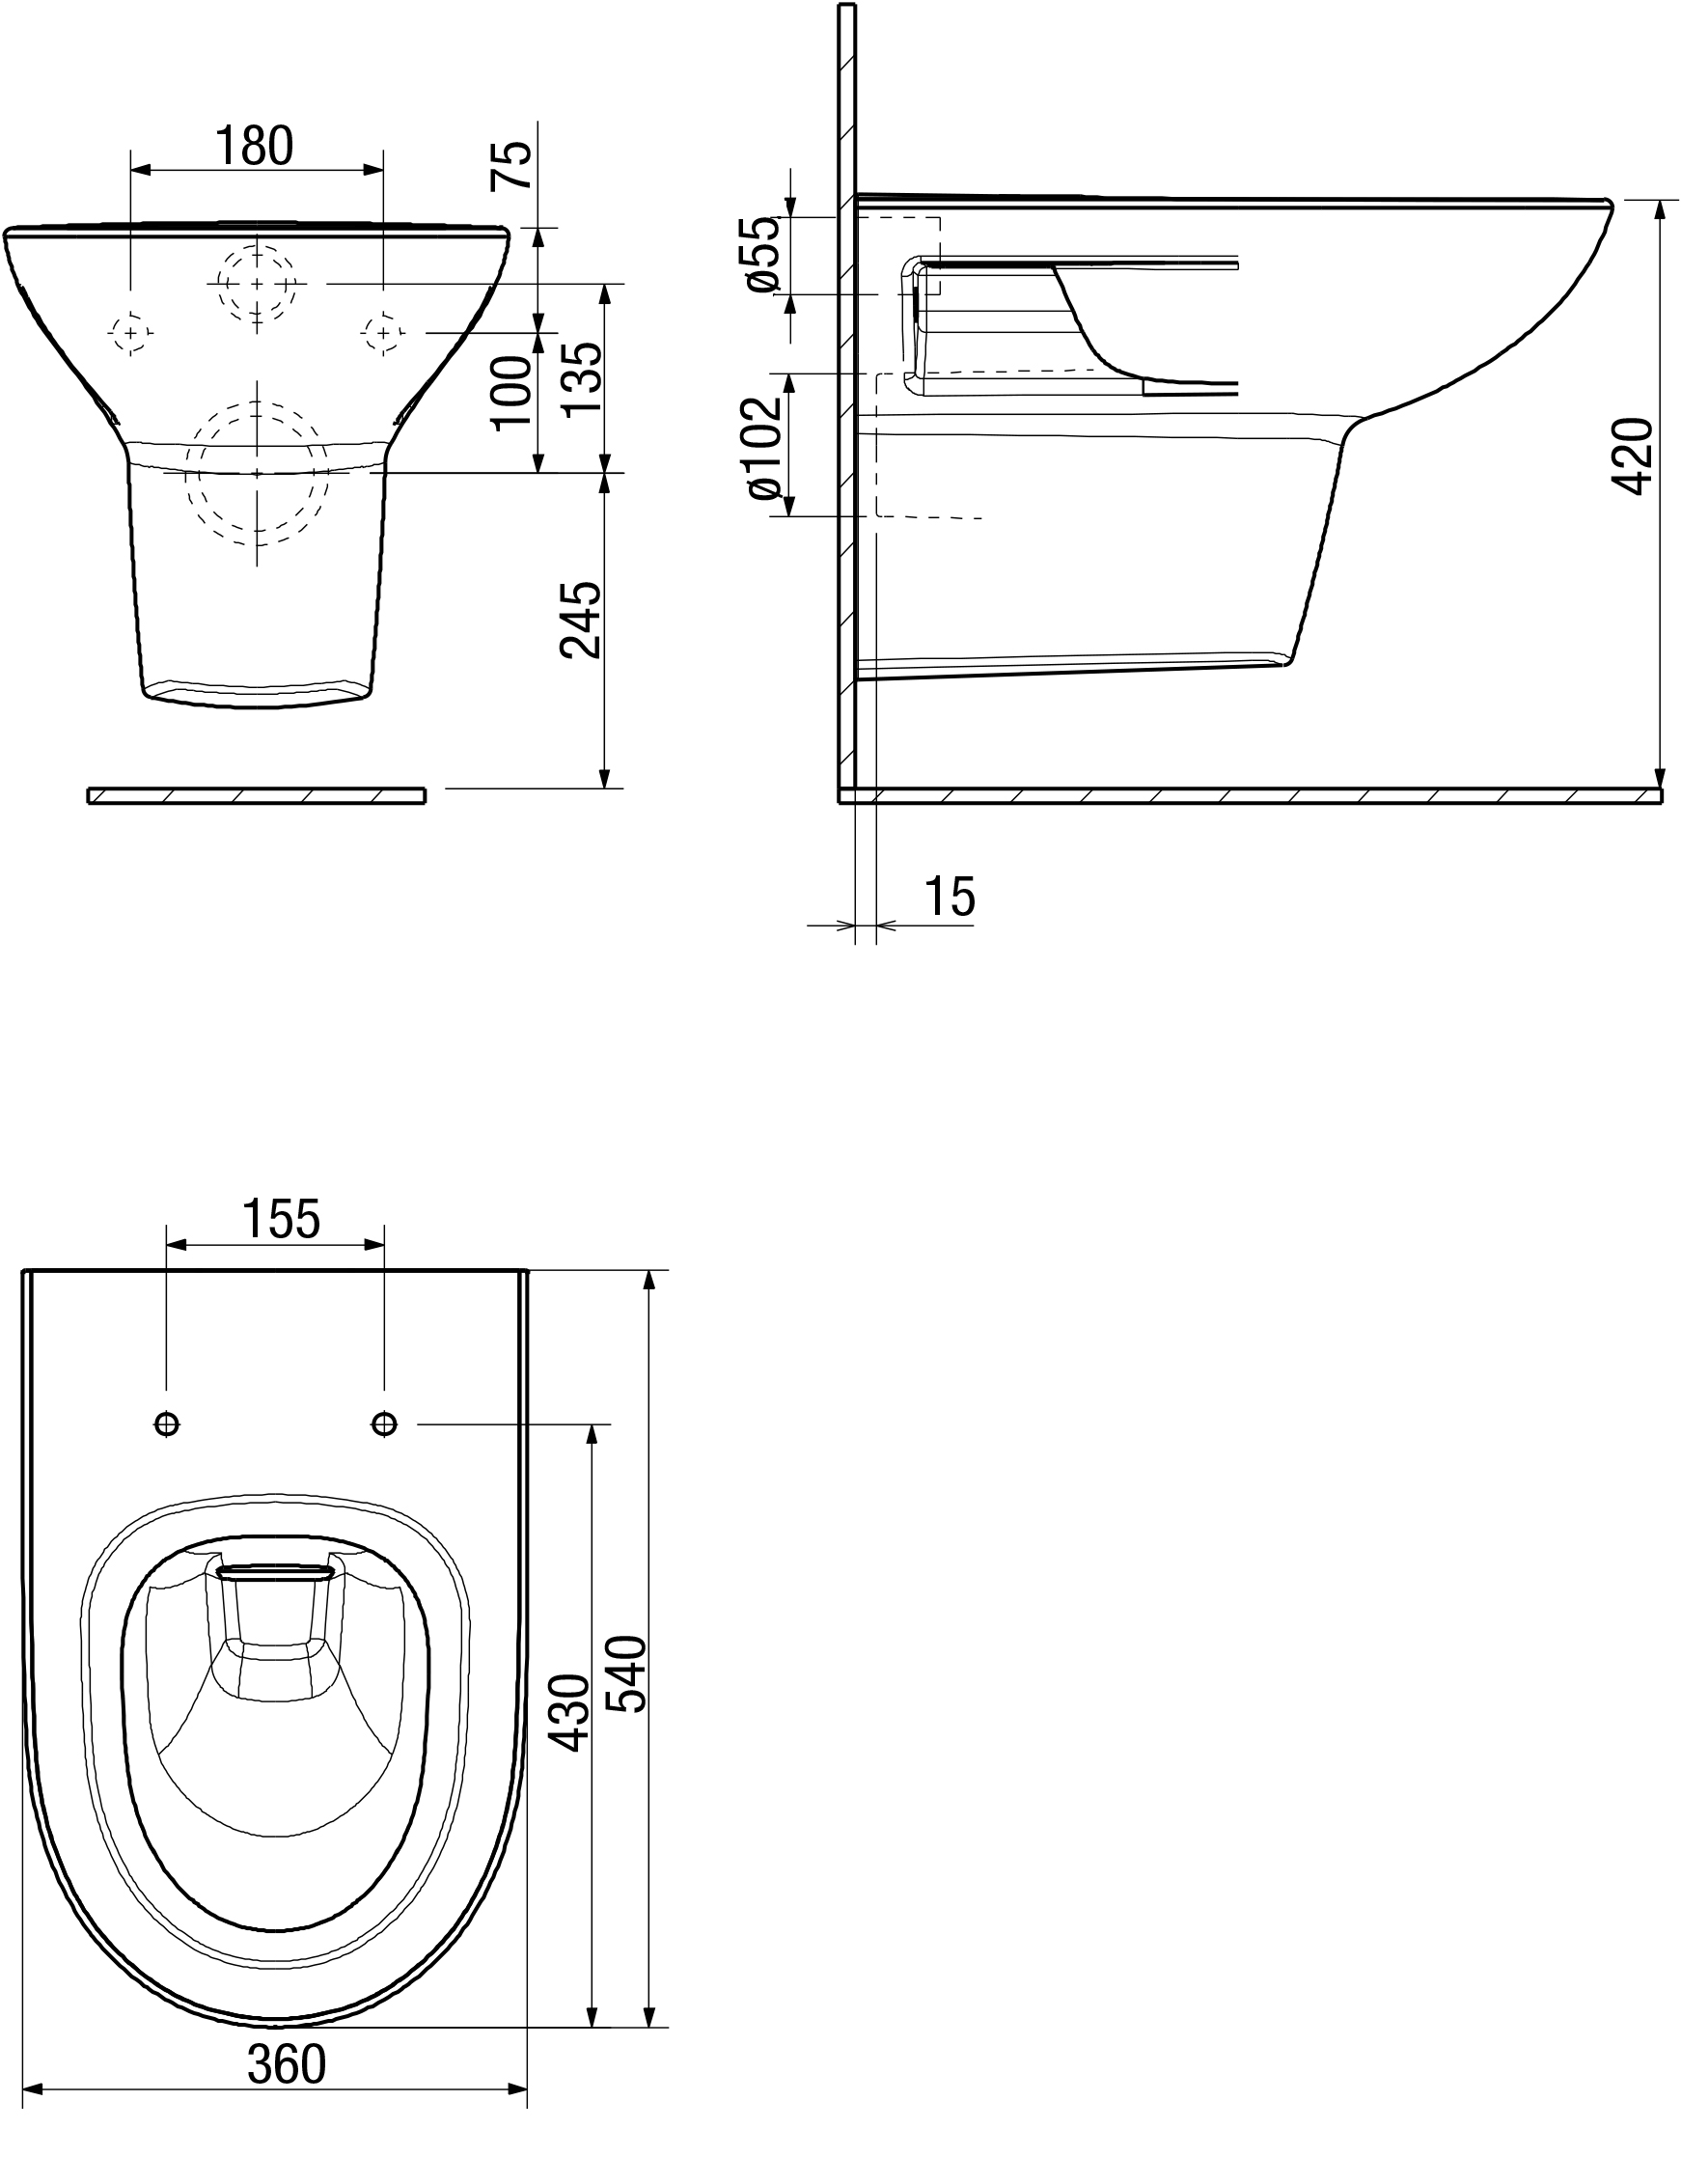 design komfort pur optiset keramiken richter frenzel. Black Bedroom Furniture Sets. Home Design Ideas